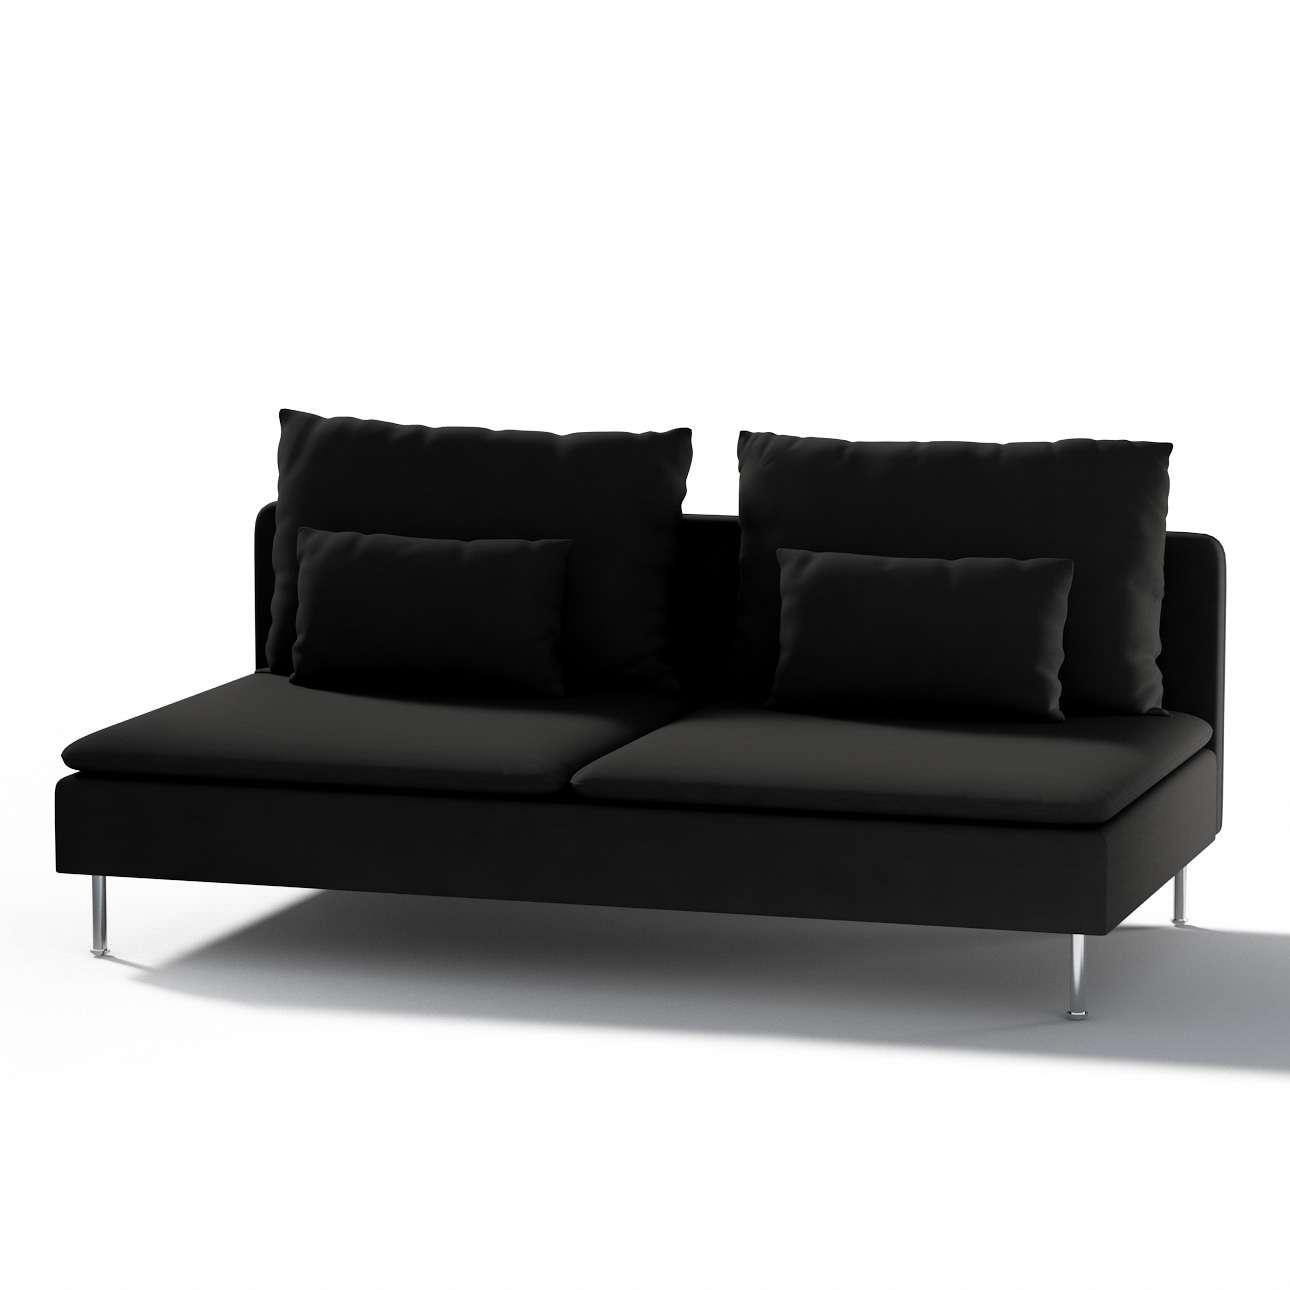 Bezug für Söderhamn Sitzelement 3 von der Kollektion Cotton Panama, Stoff: 702-08